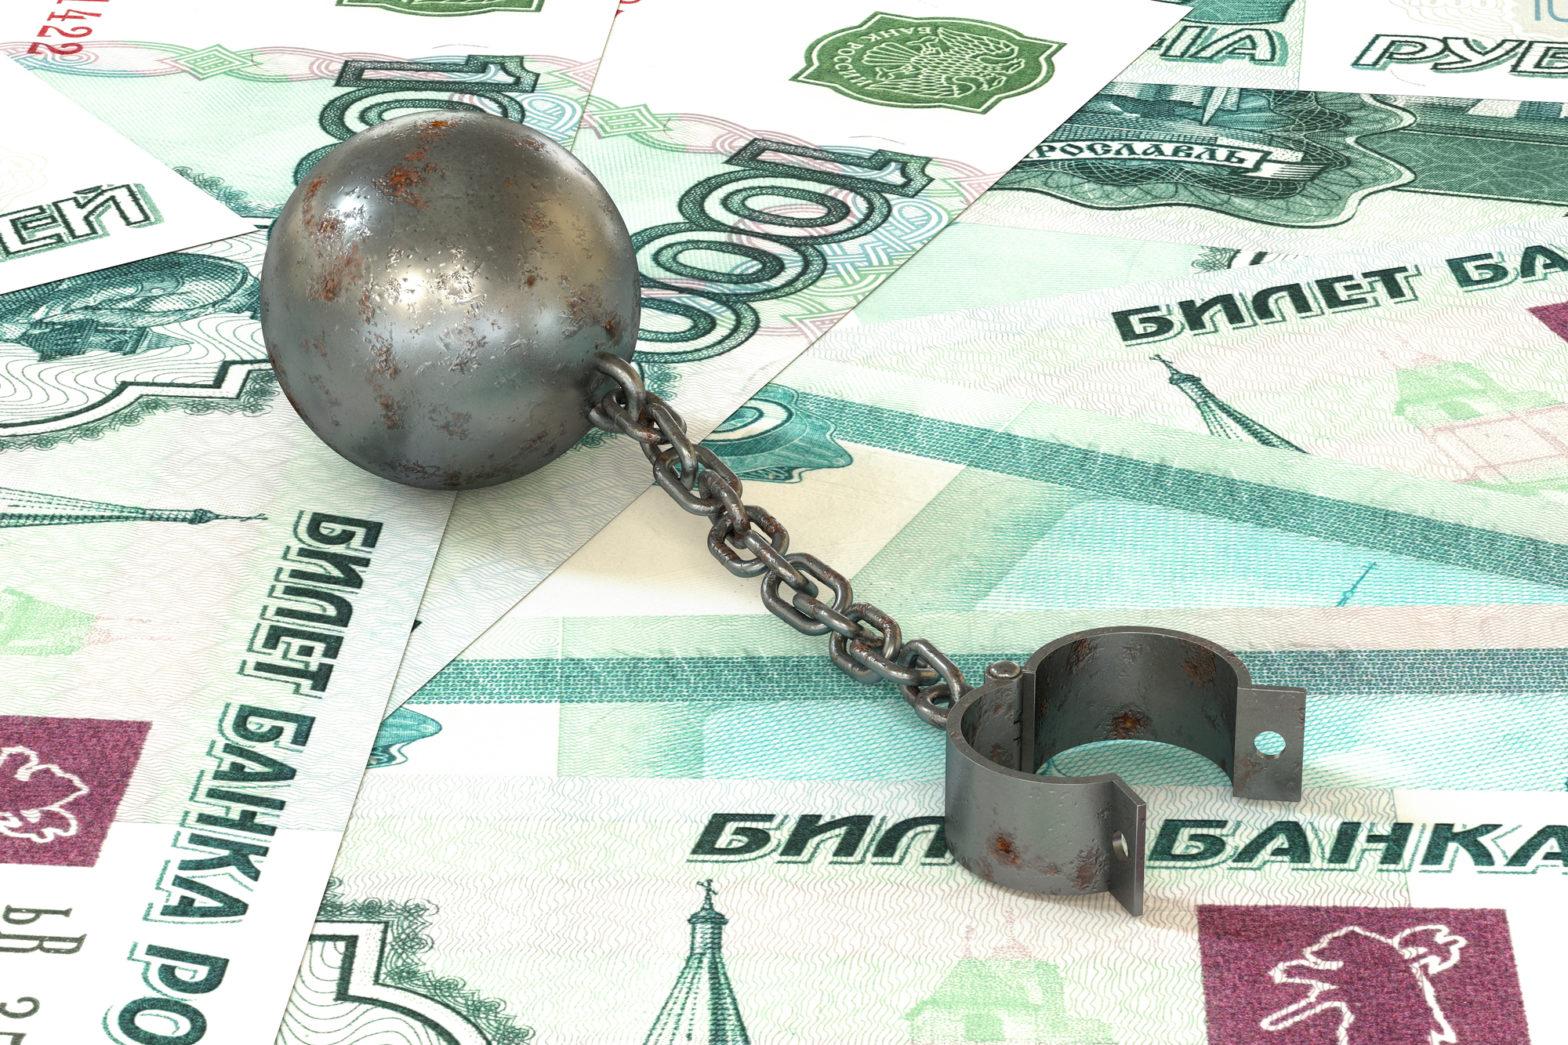 Долг в микрофинансовой компании: как избавиться?